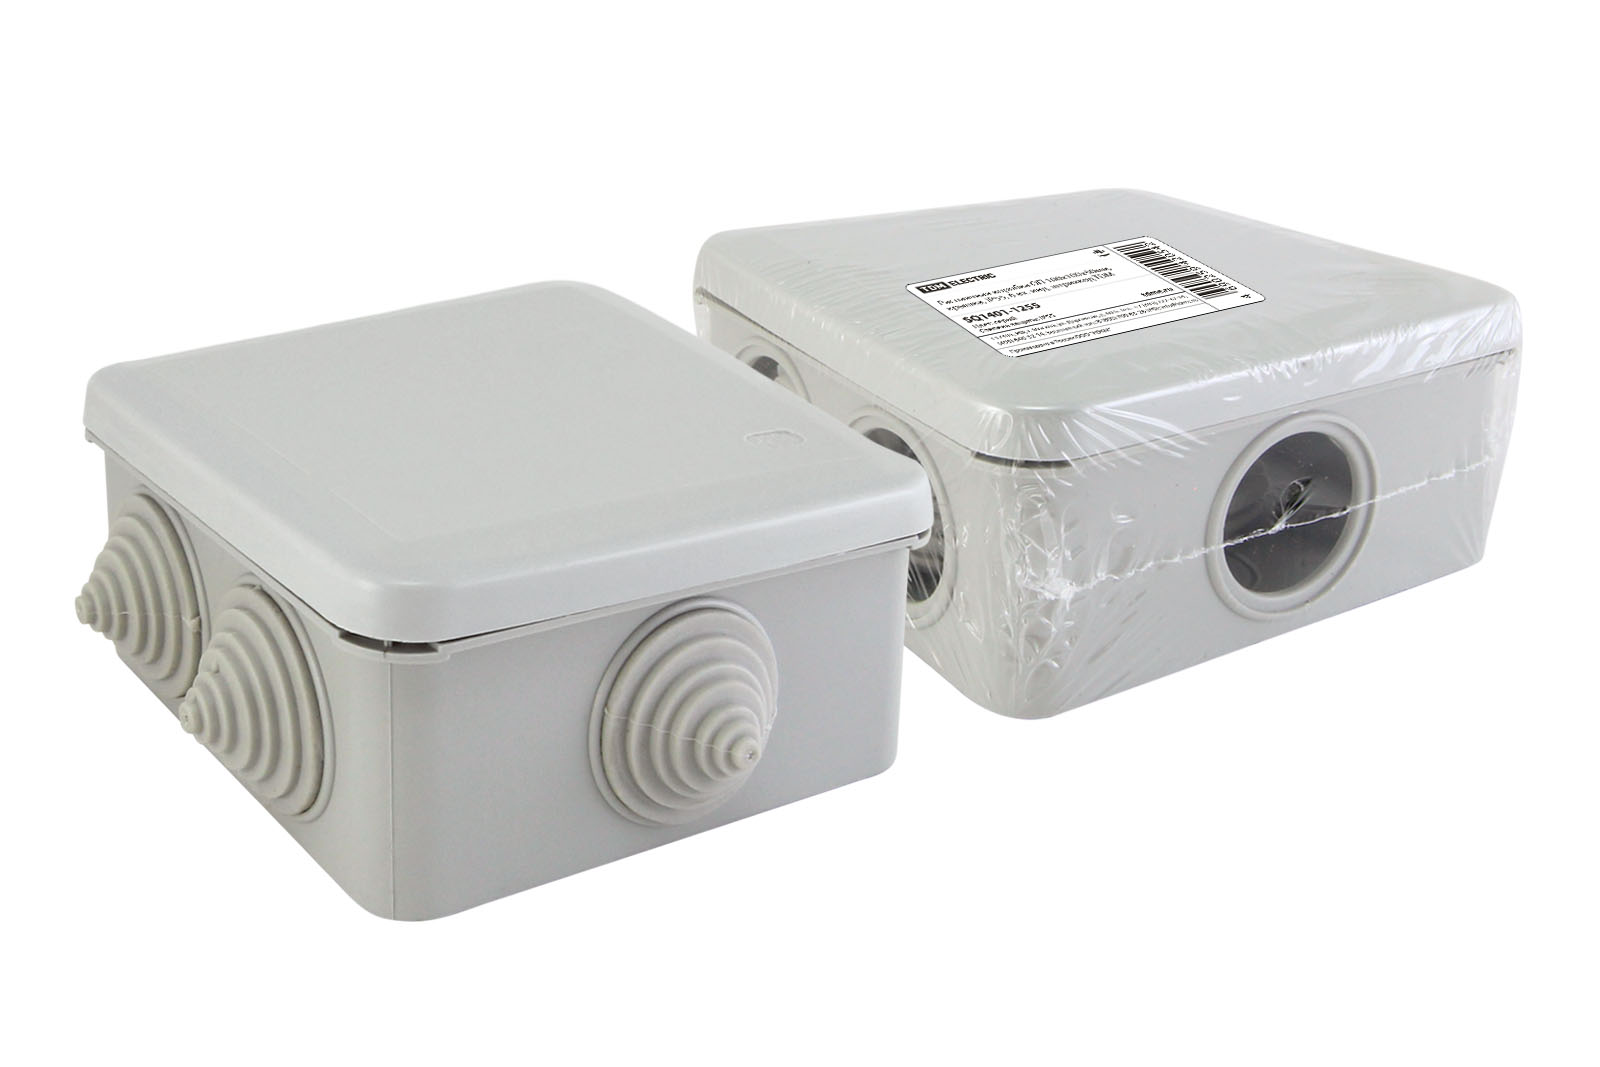 Фото Распаячная коробка ОП 100х100х50мм, крышка, IP55, 6 вх. инд. штрихкод TDM {SQ1401-1255}